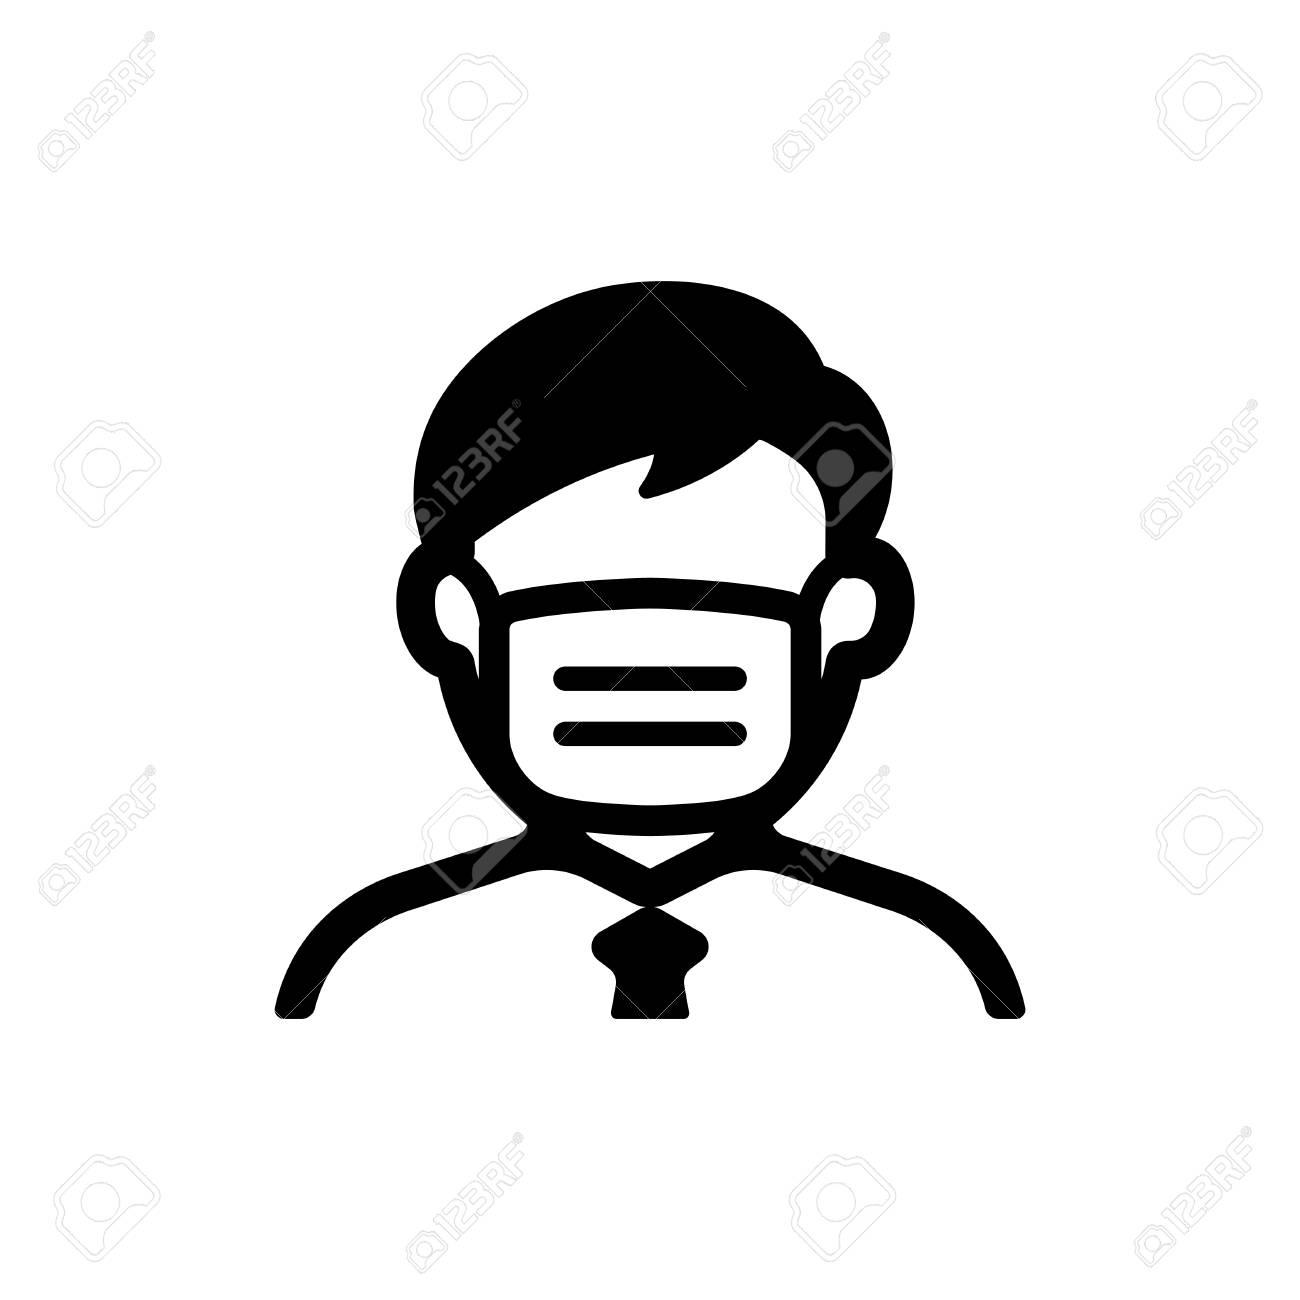 face mask, flu mask icon (man) - 119203229